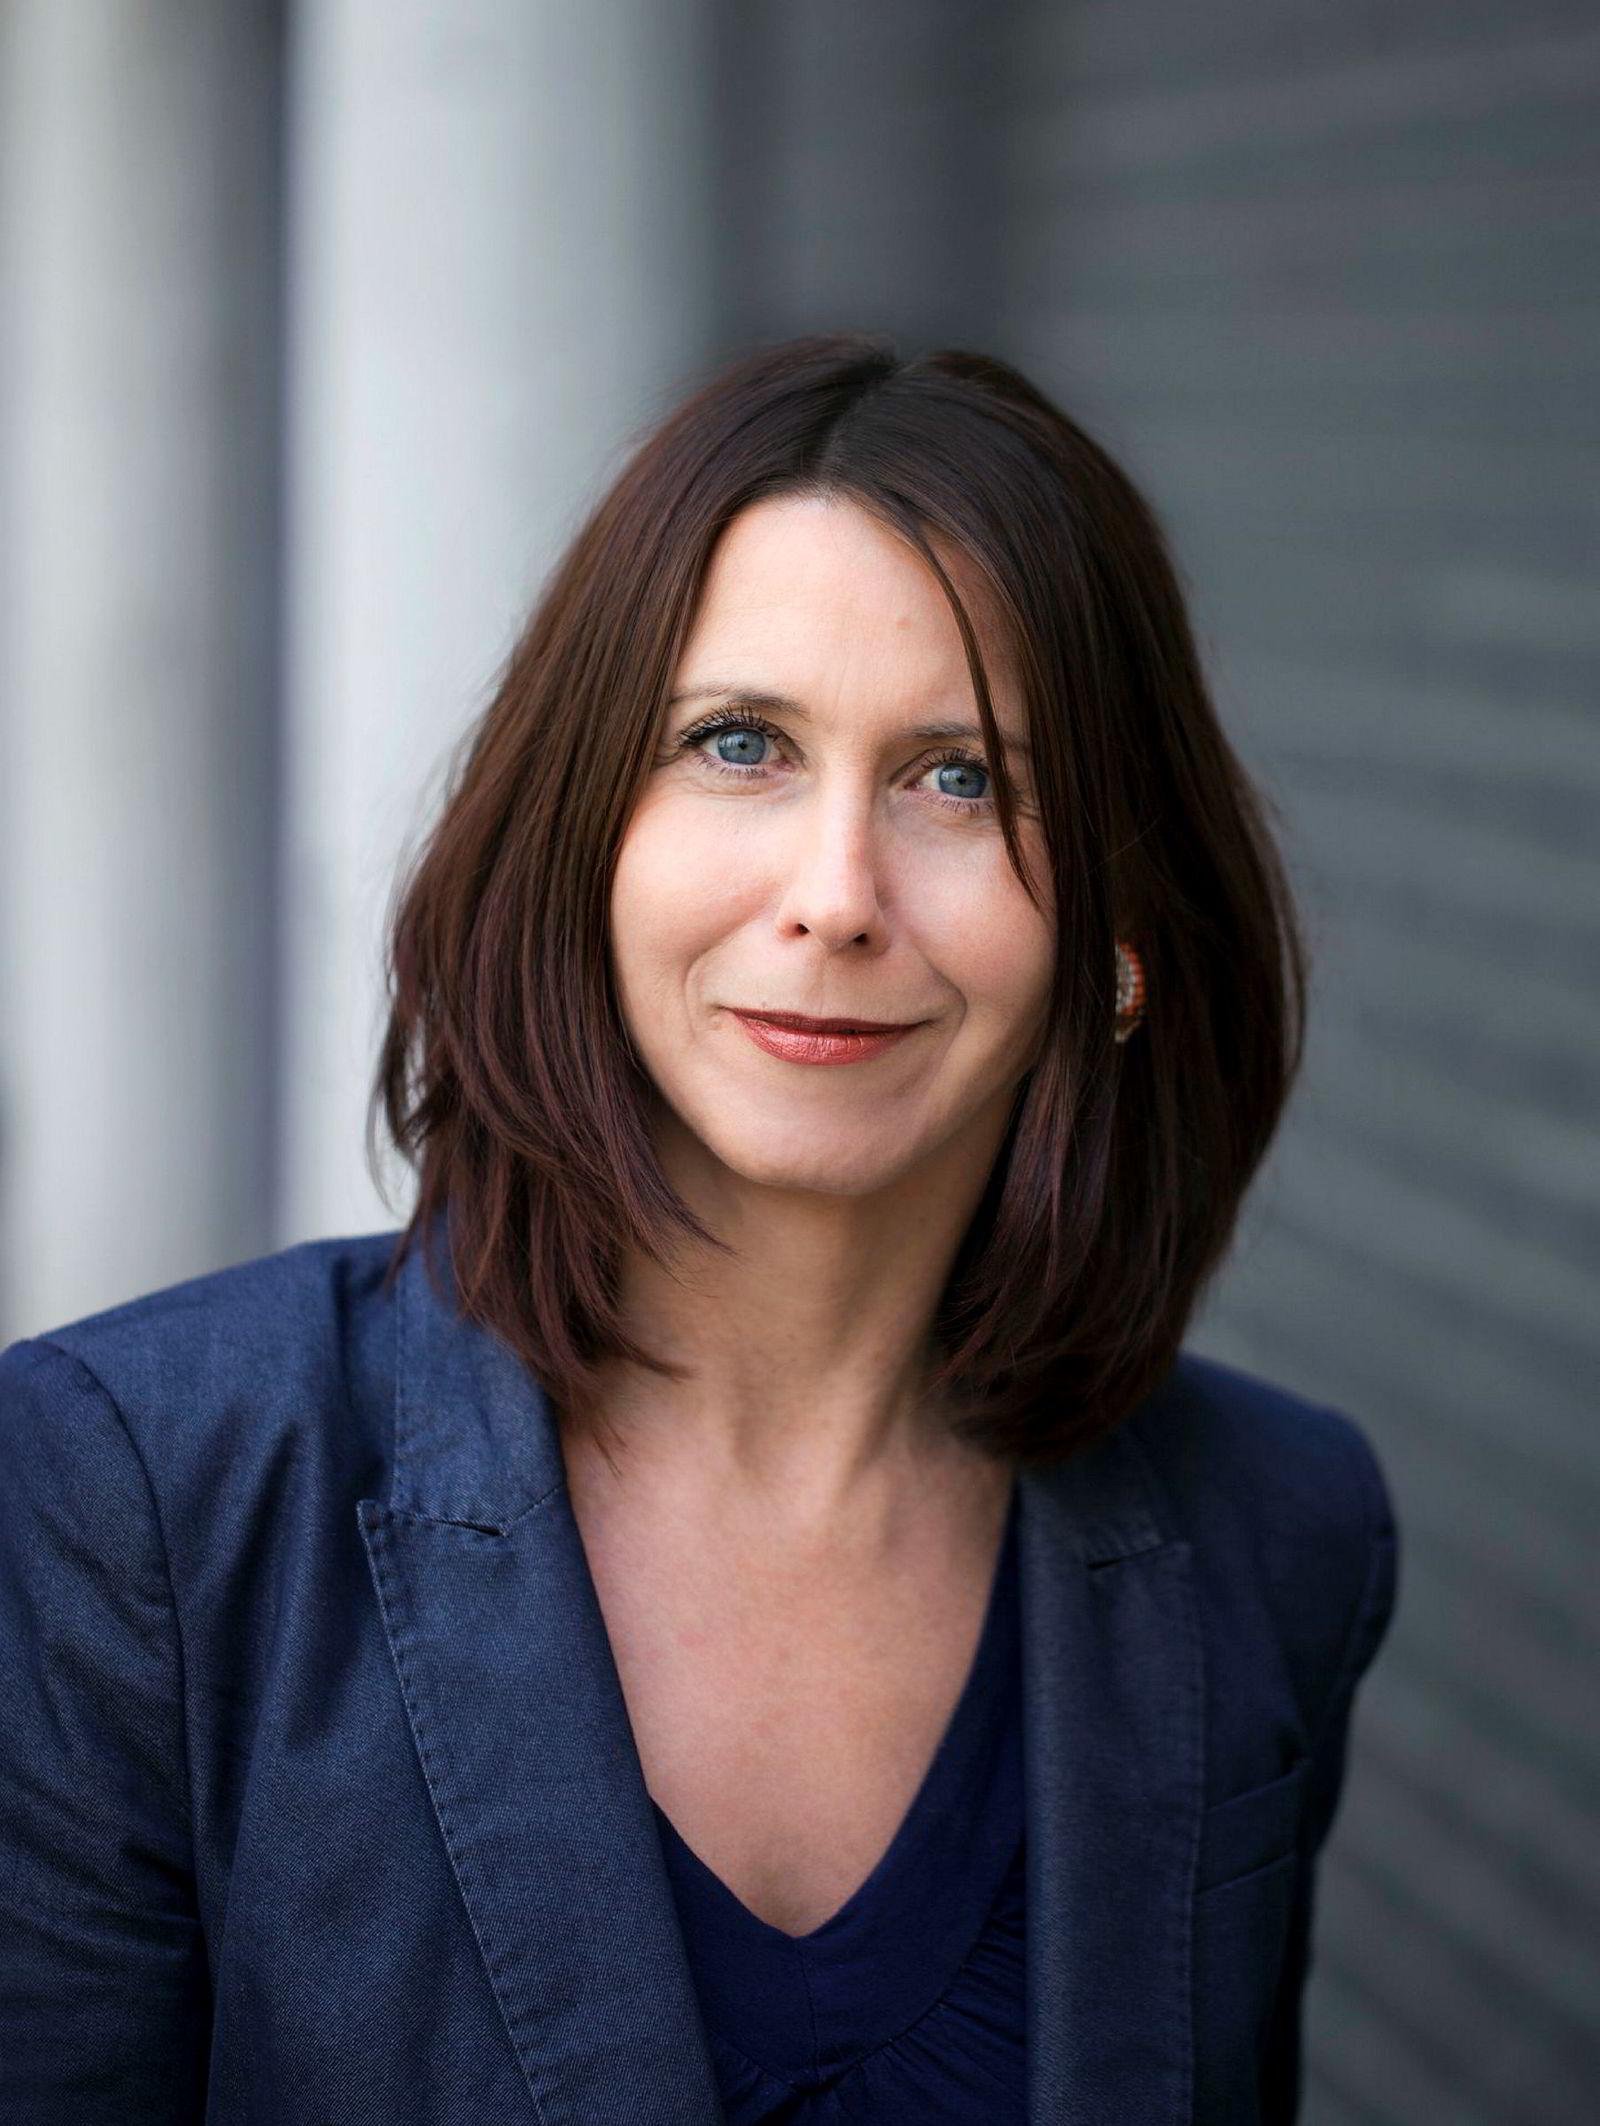 Heidi Marie Kriznik er leder i Forfatterforeningen.